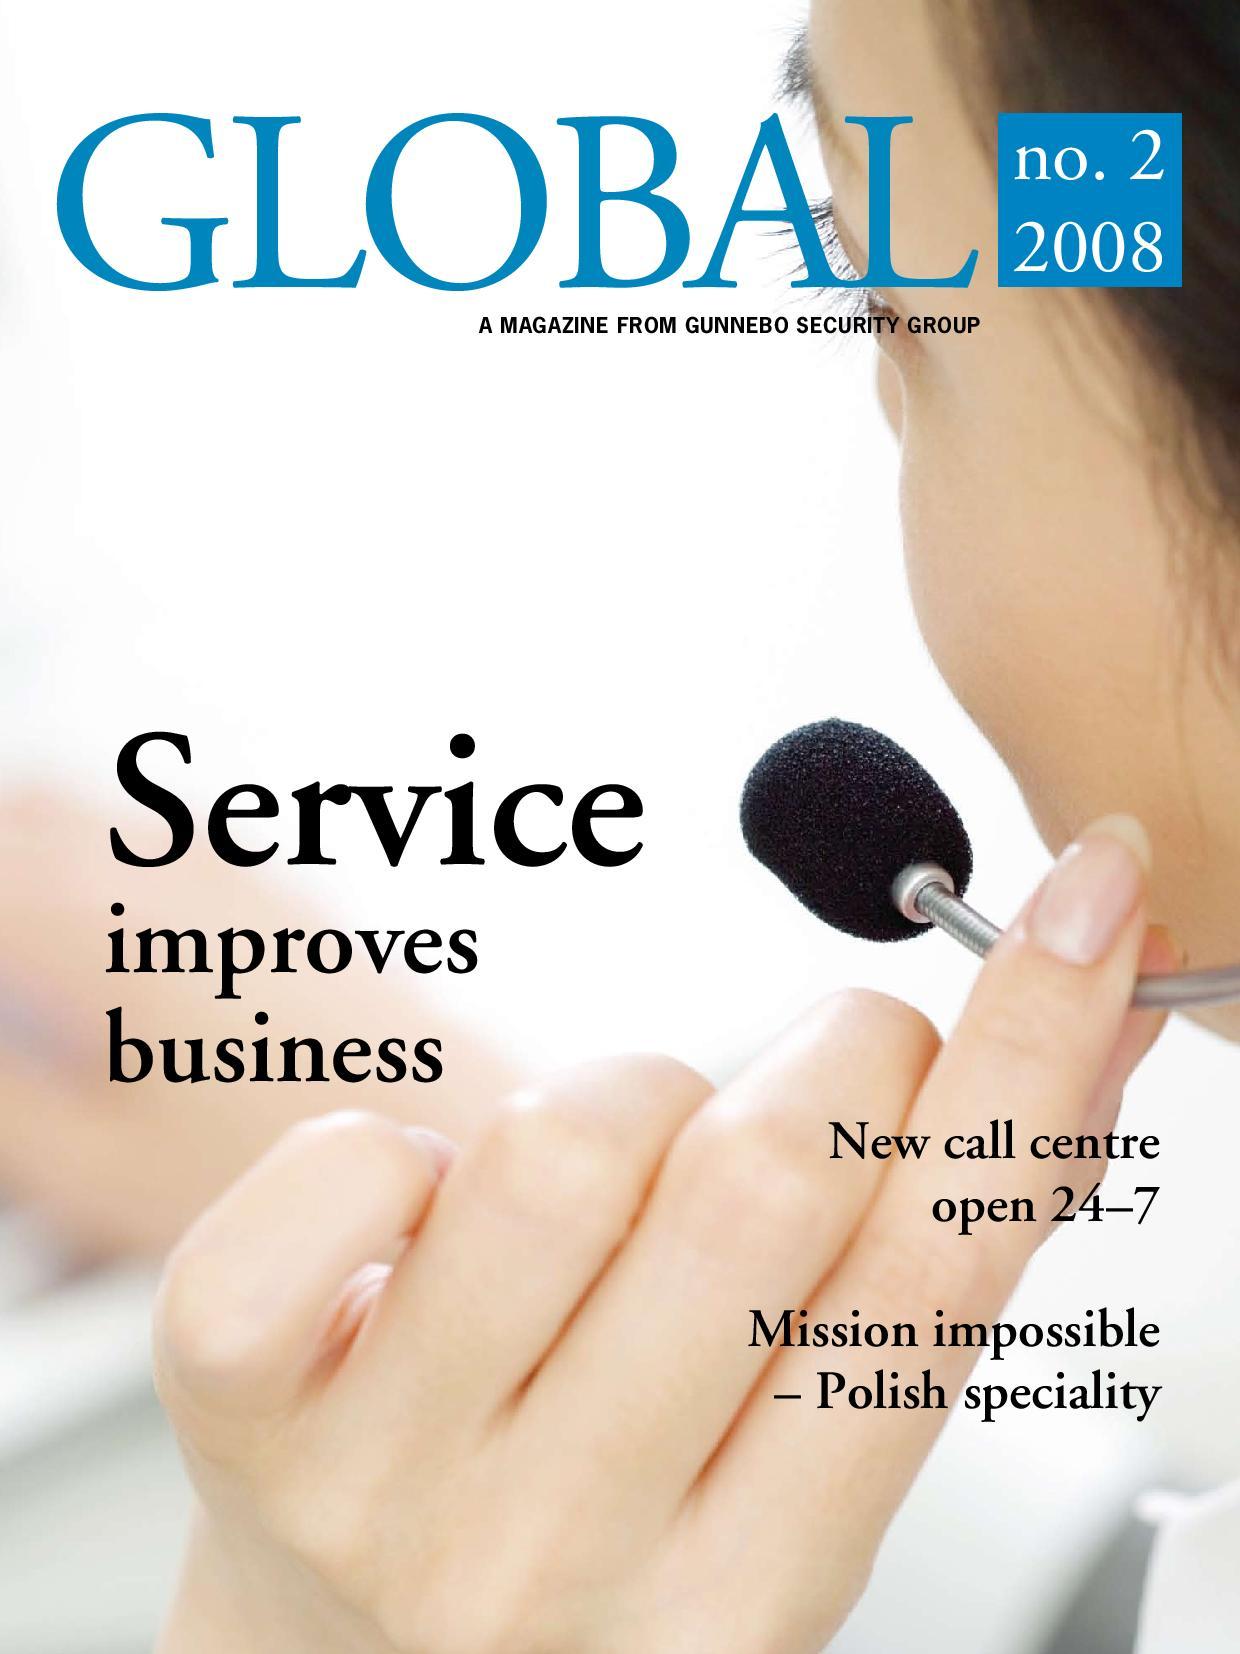 Global-2008-02-GB